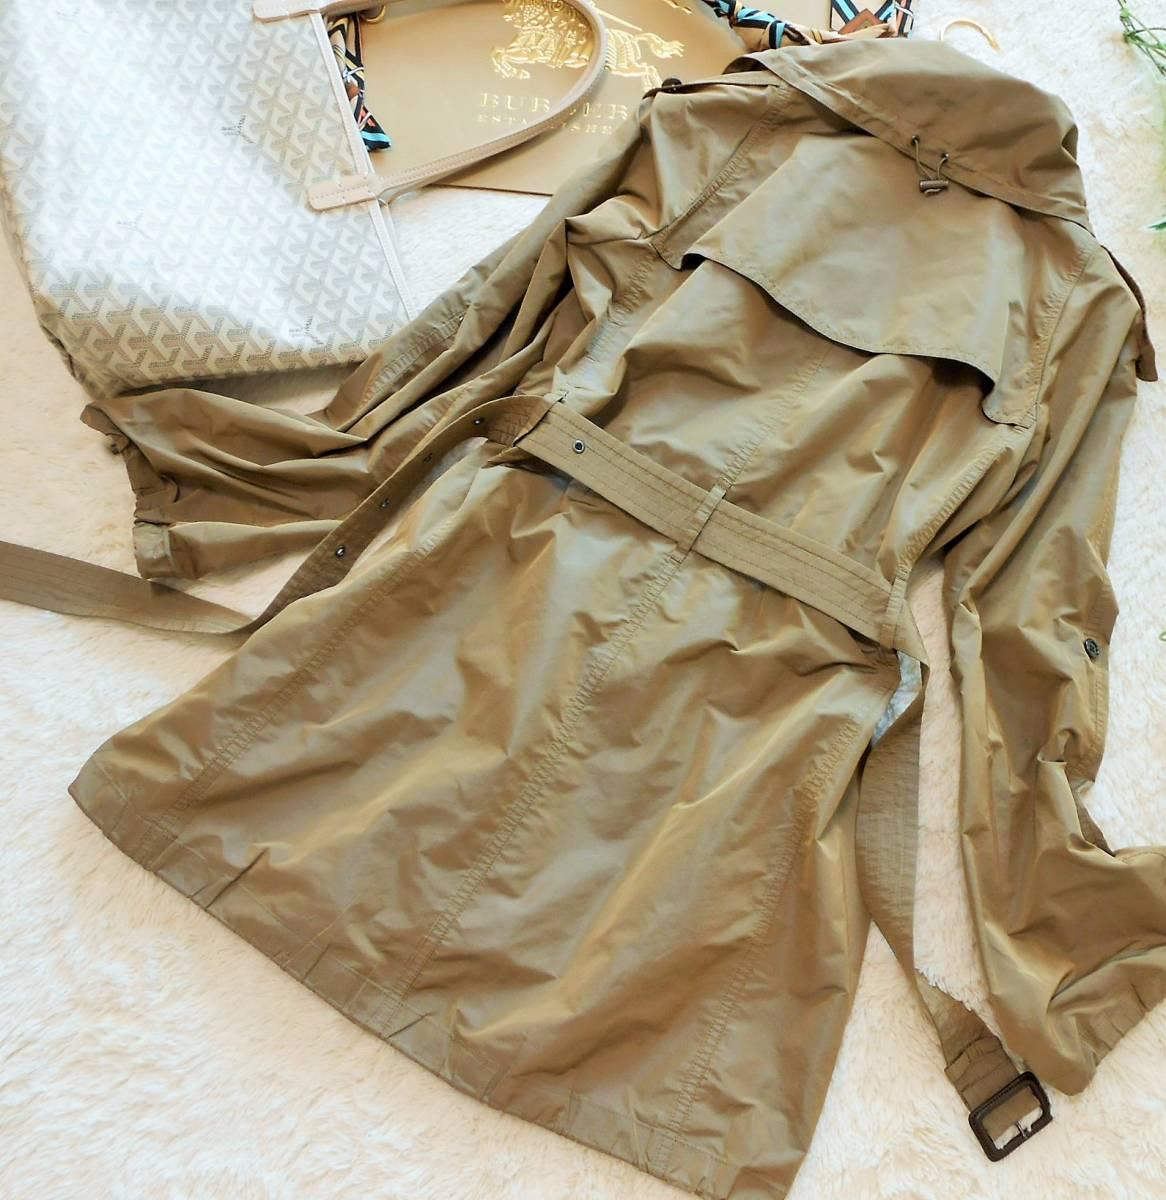 BURBERRY  LONDON  バーバリー ロンドン  トレンチコート  スプリングコート ベルト付き ノバチェック  サイズ 38 M~_画像6